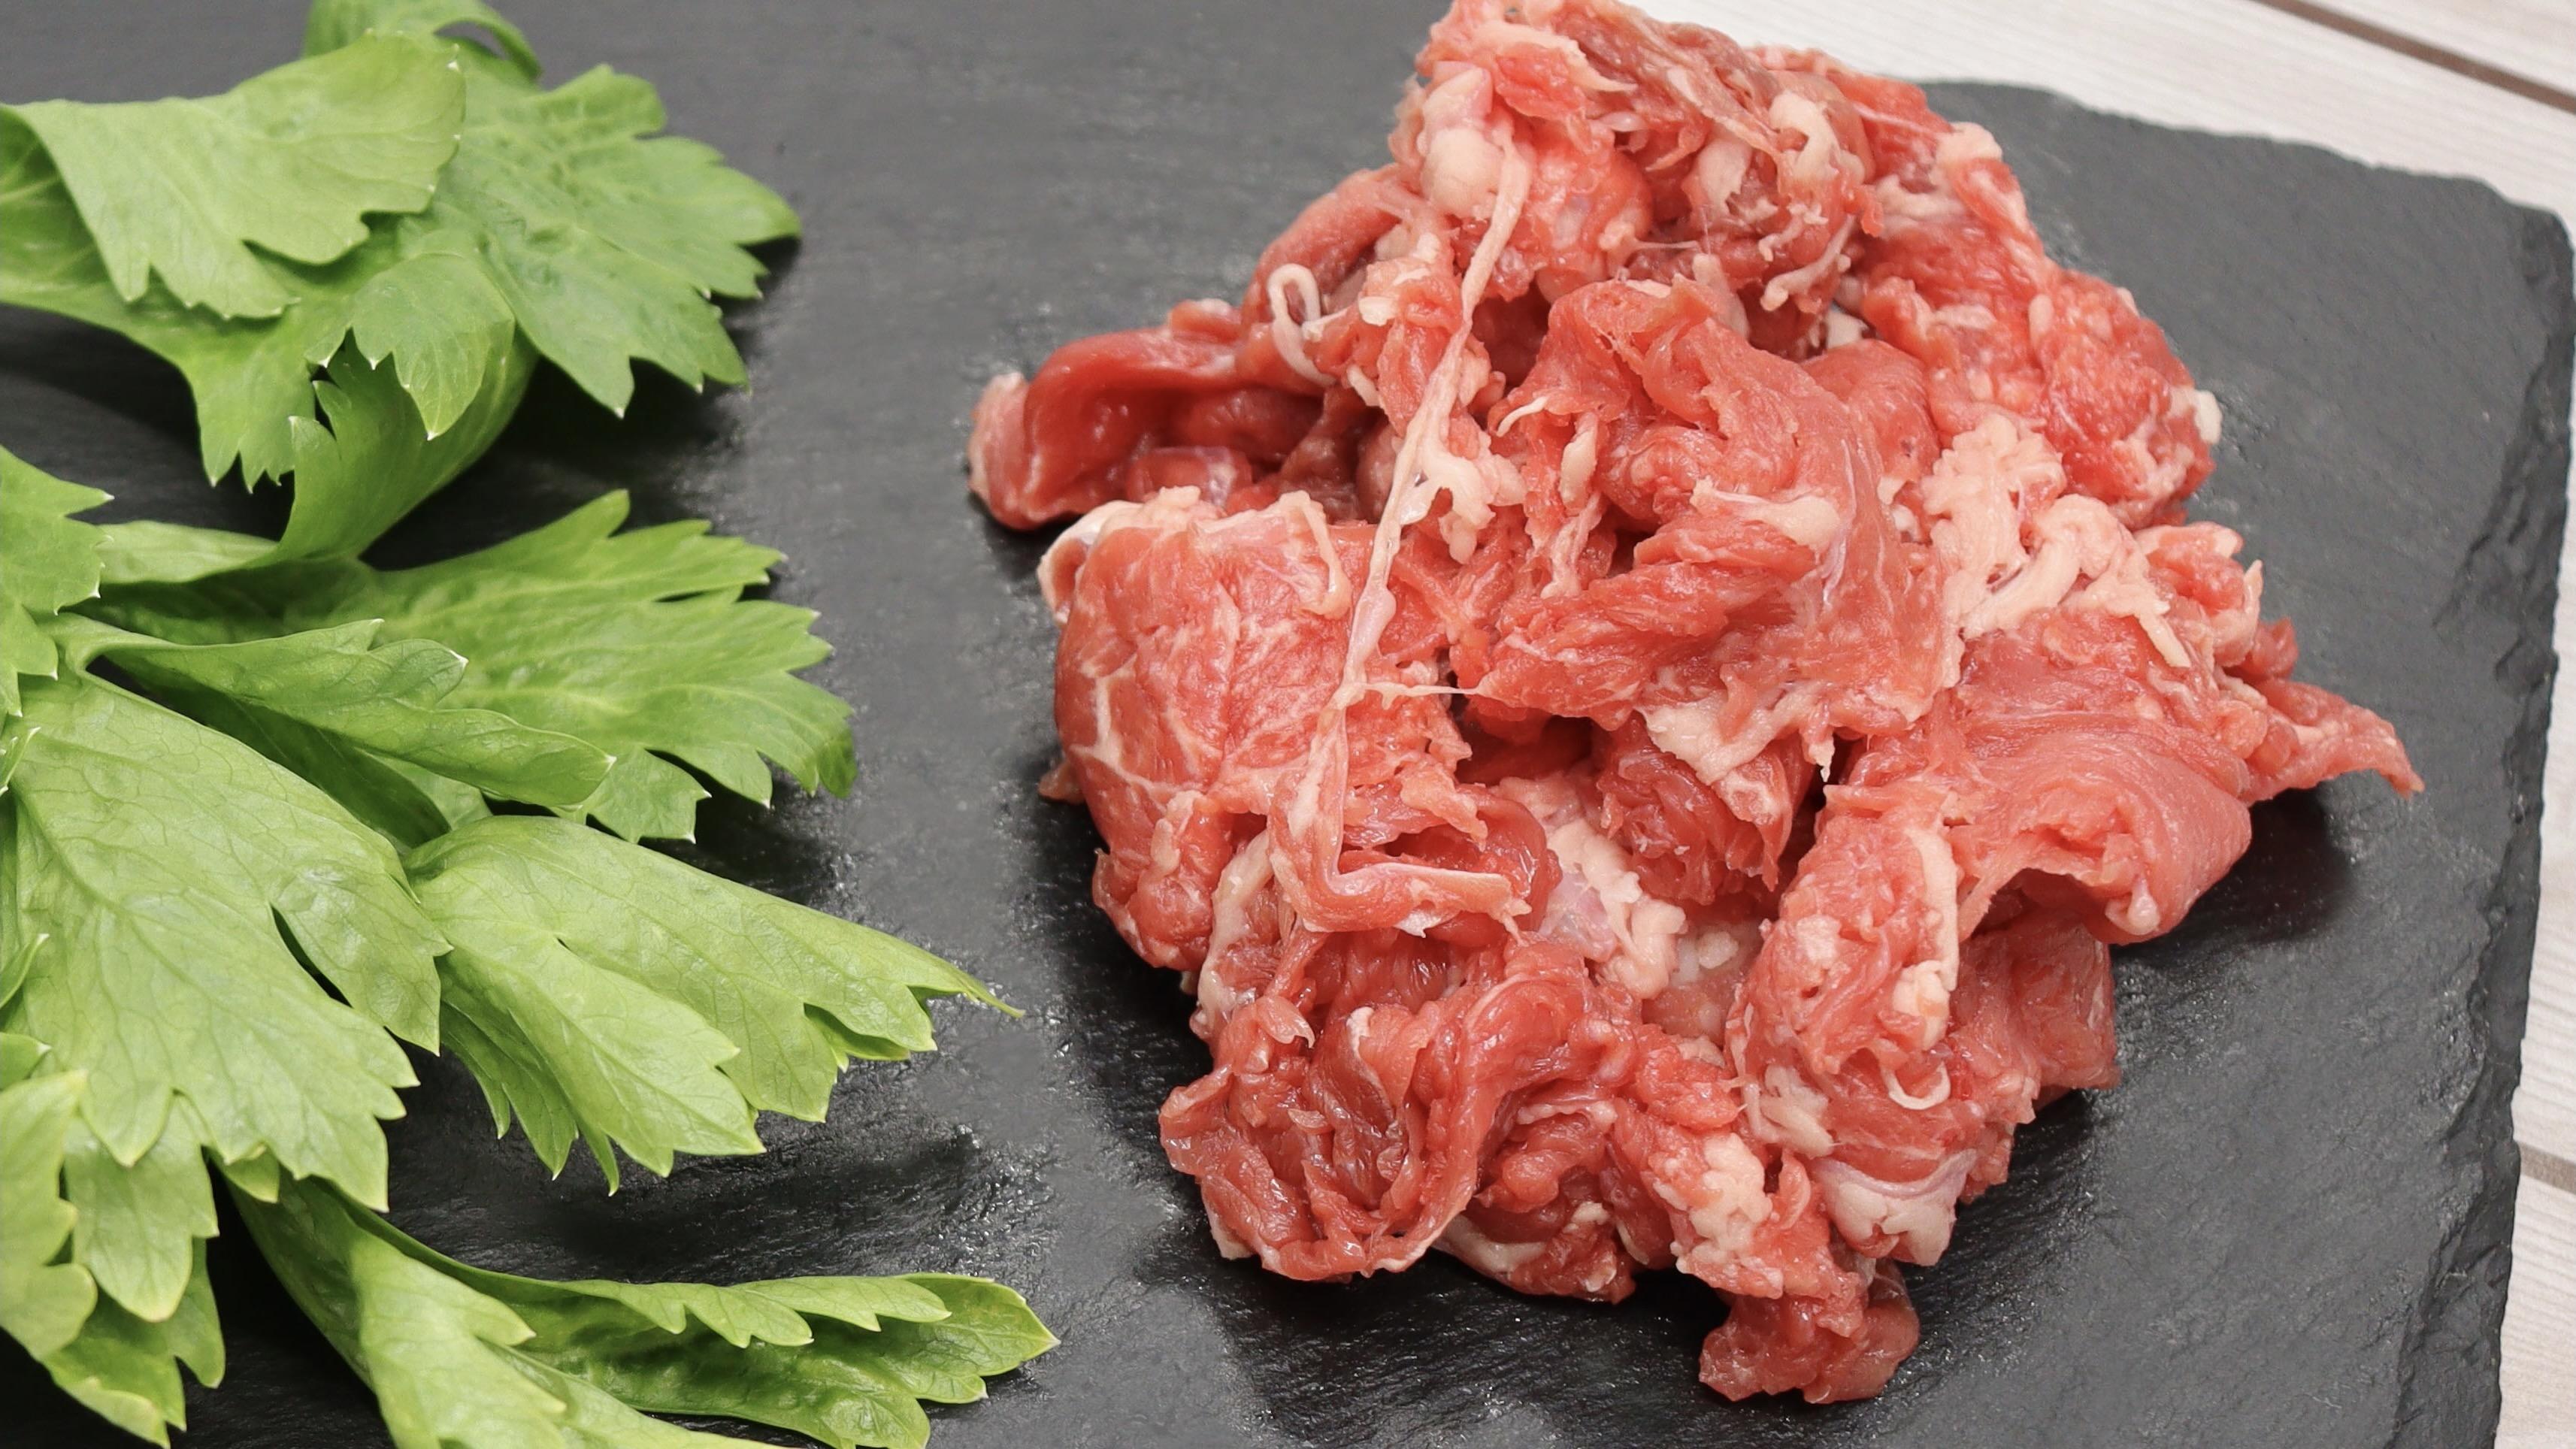 並木精肉店の牛肉